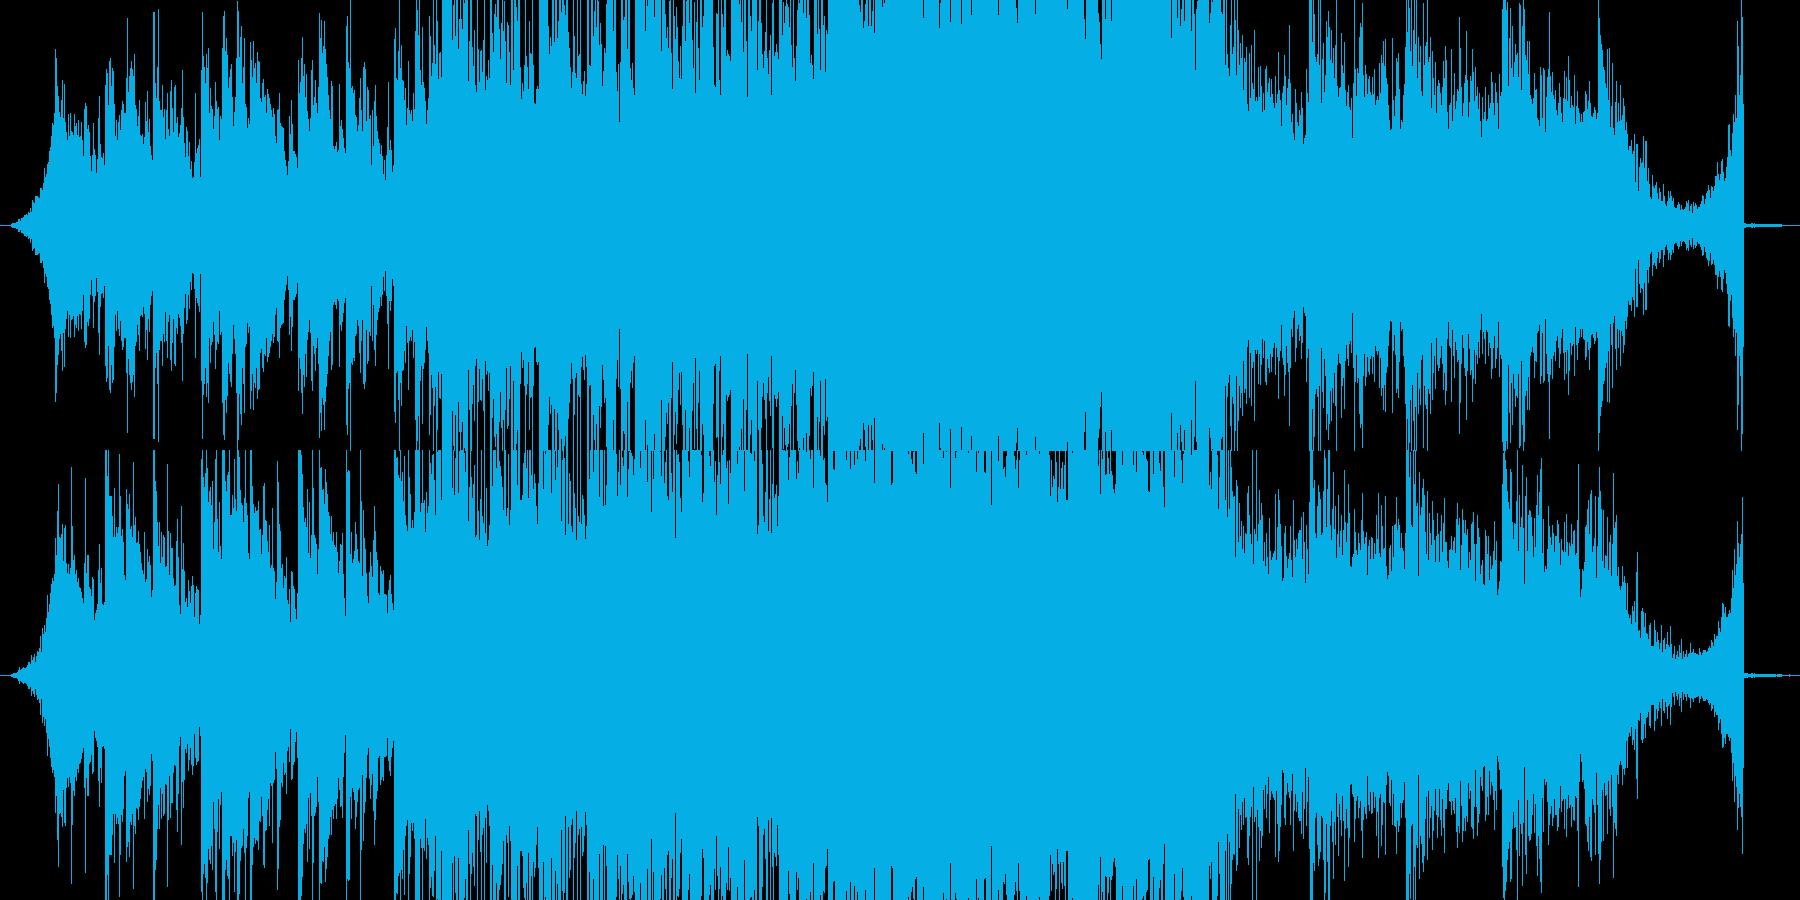 切ない、ホラータイトル画面向けBGMの再生済みの波形